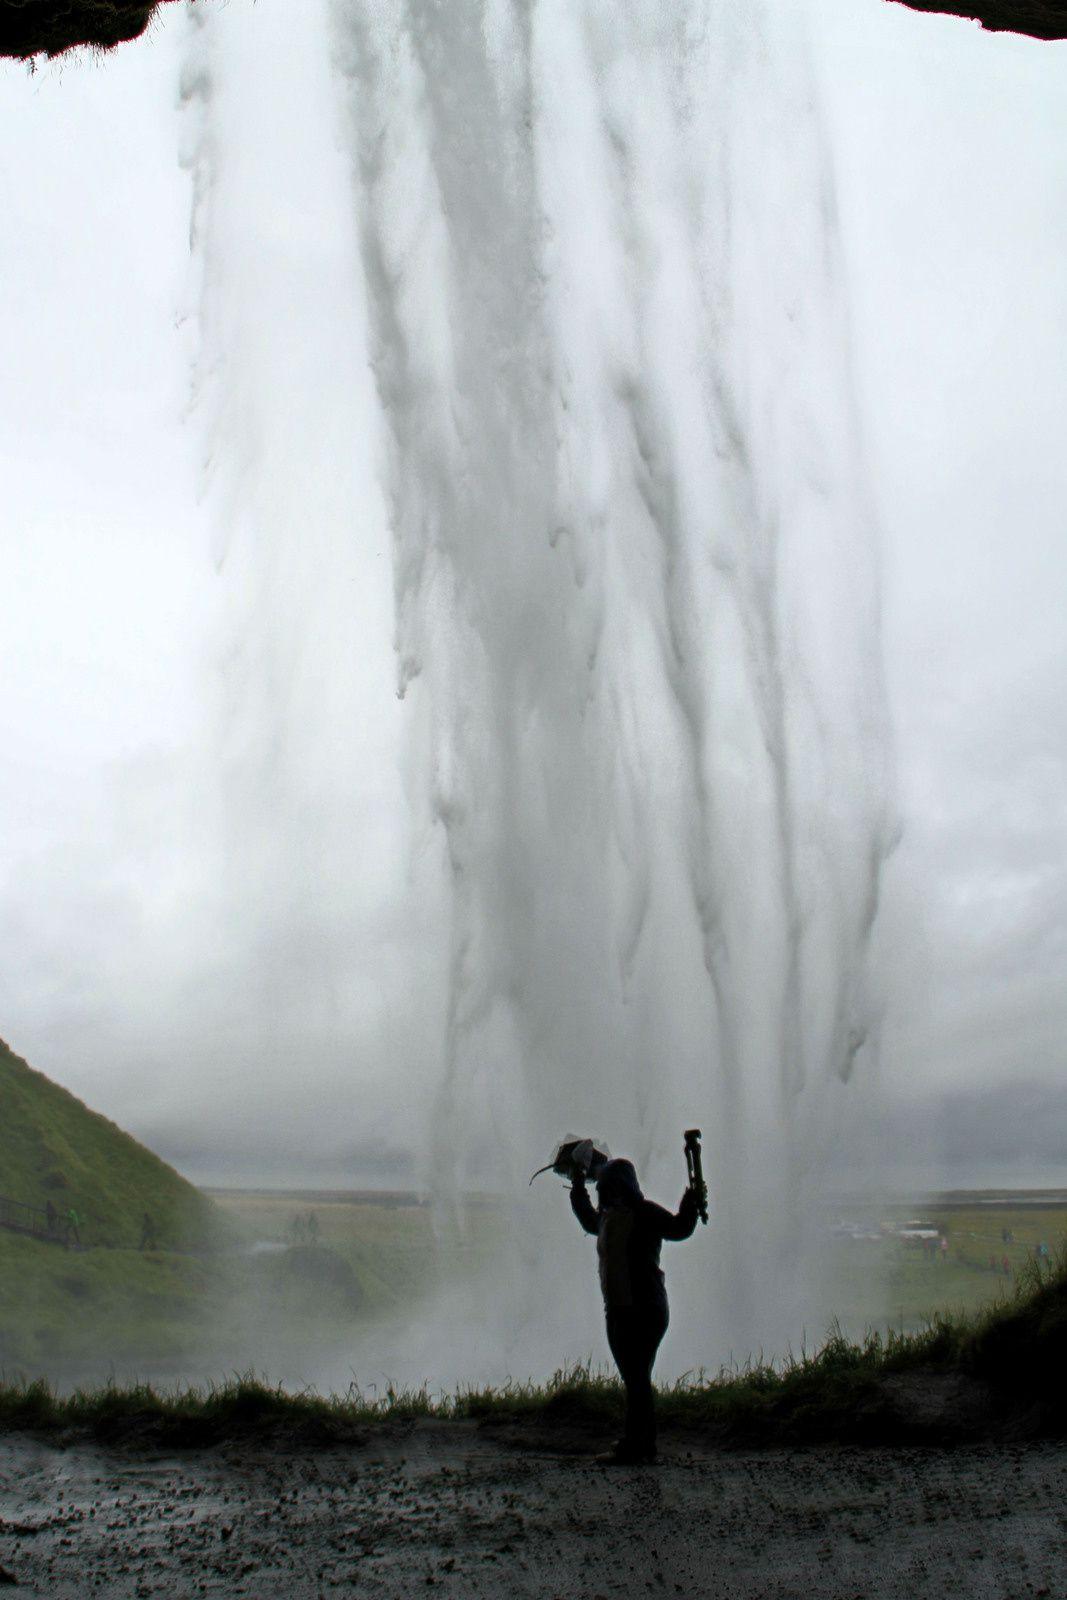 Vacances en Islande - Jour 1